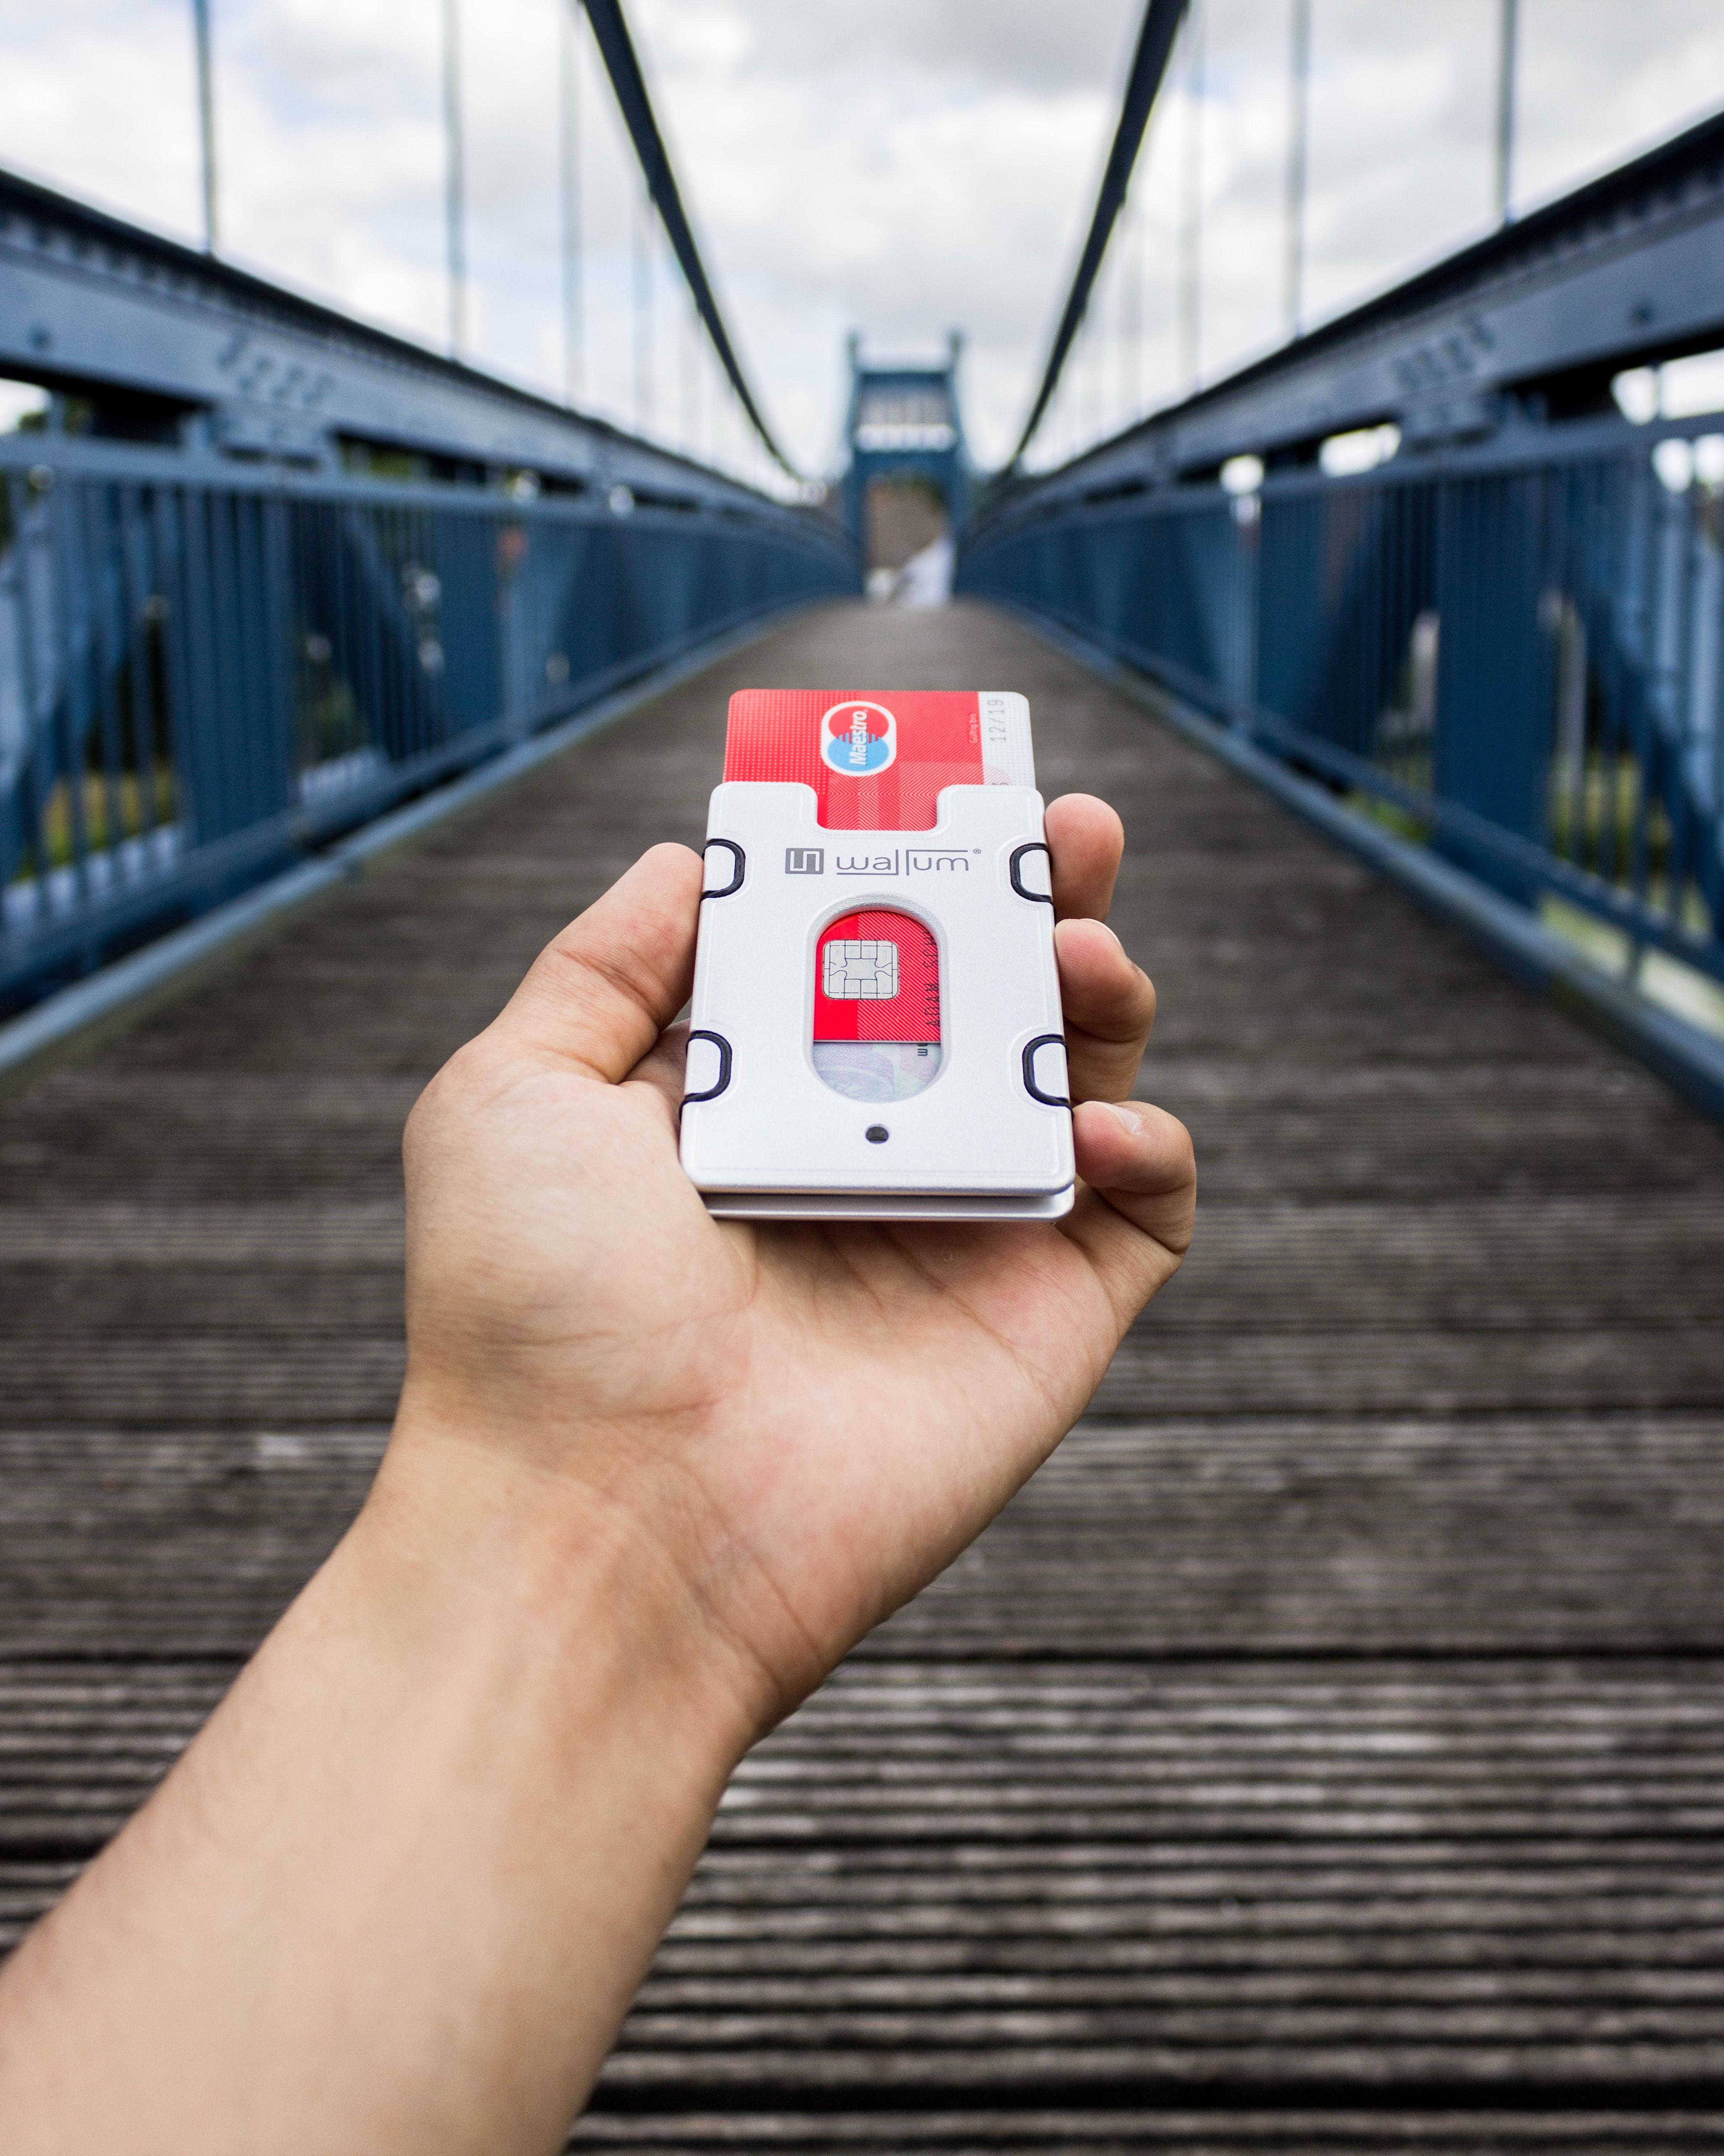 30daysreplay pr marketing social media beratung 3 a7s0MAXhc unsplash Un 25% de los clientes bancarios reconoce poder contratar más productos de forma digital que de forma presencial